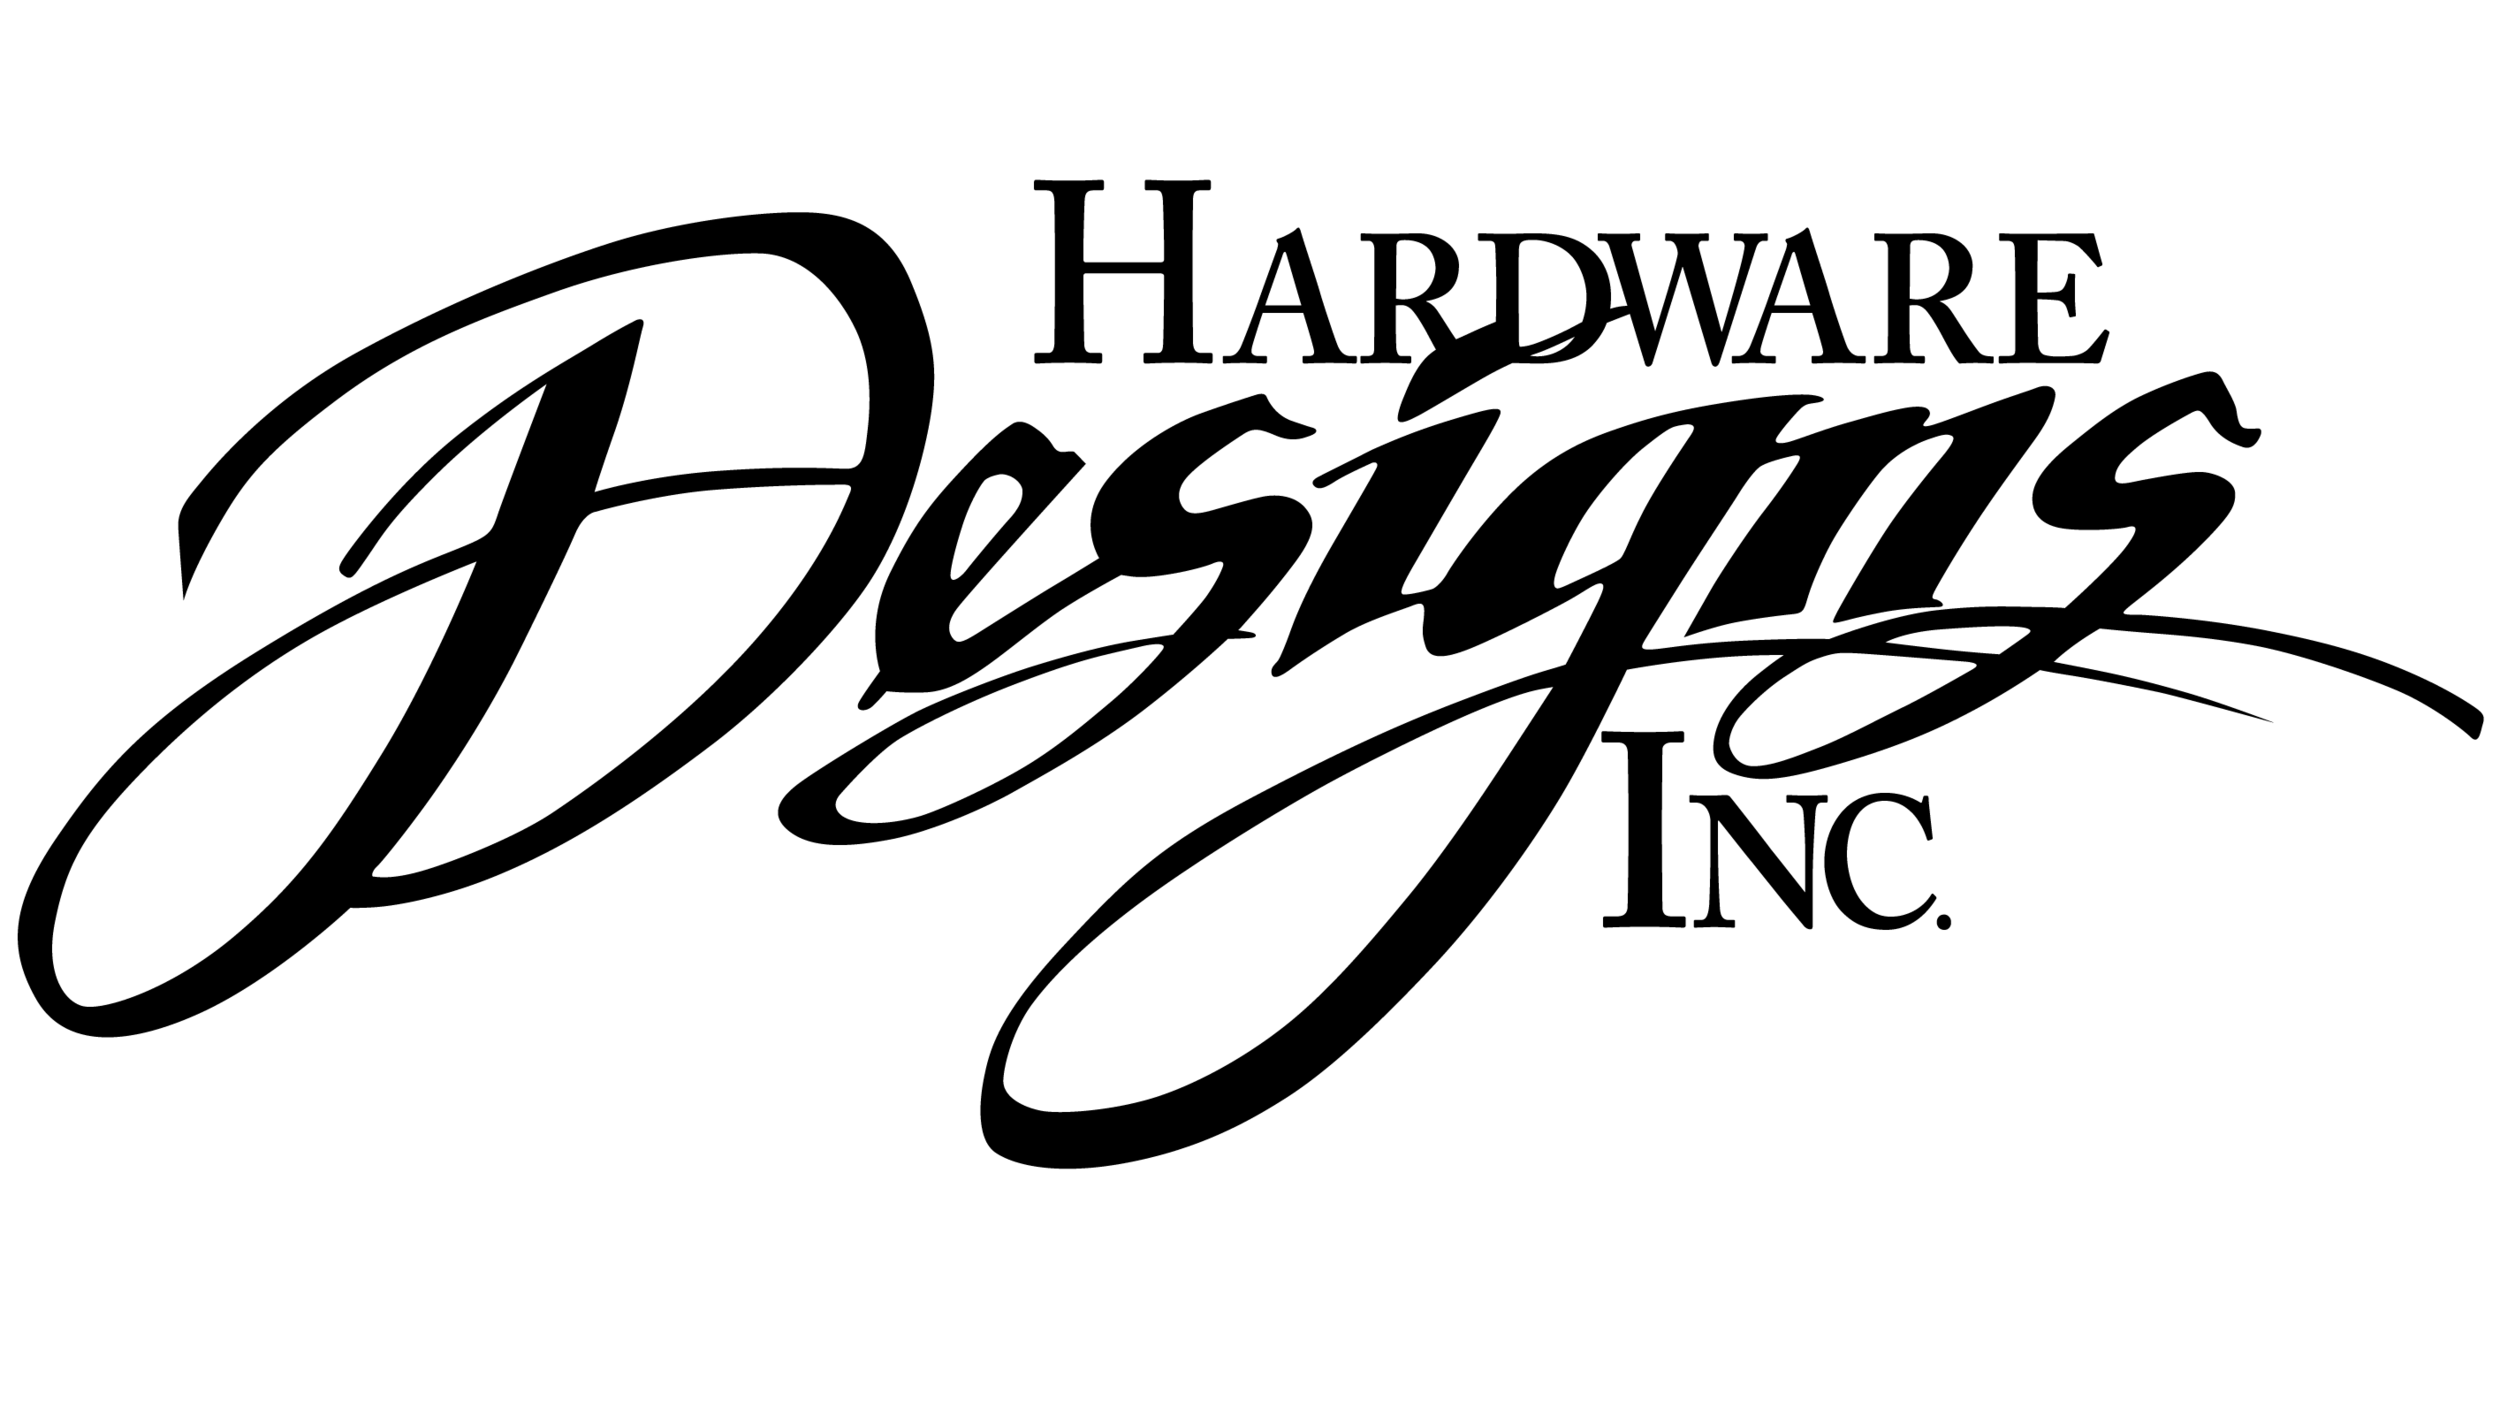 HardwareDesign_LogoBlack.png